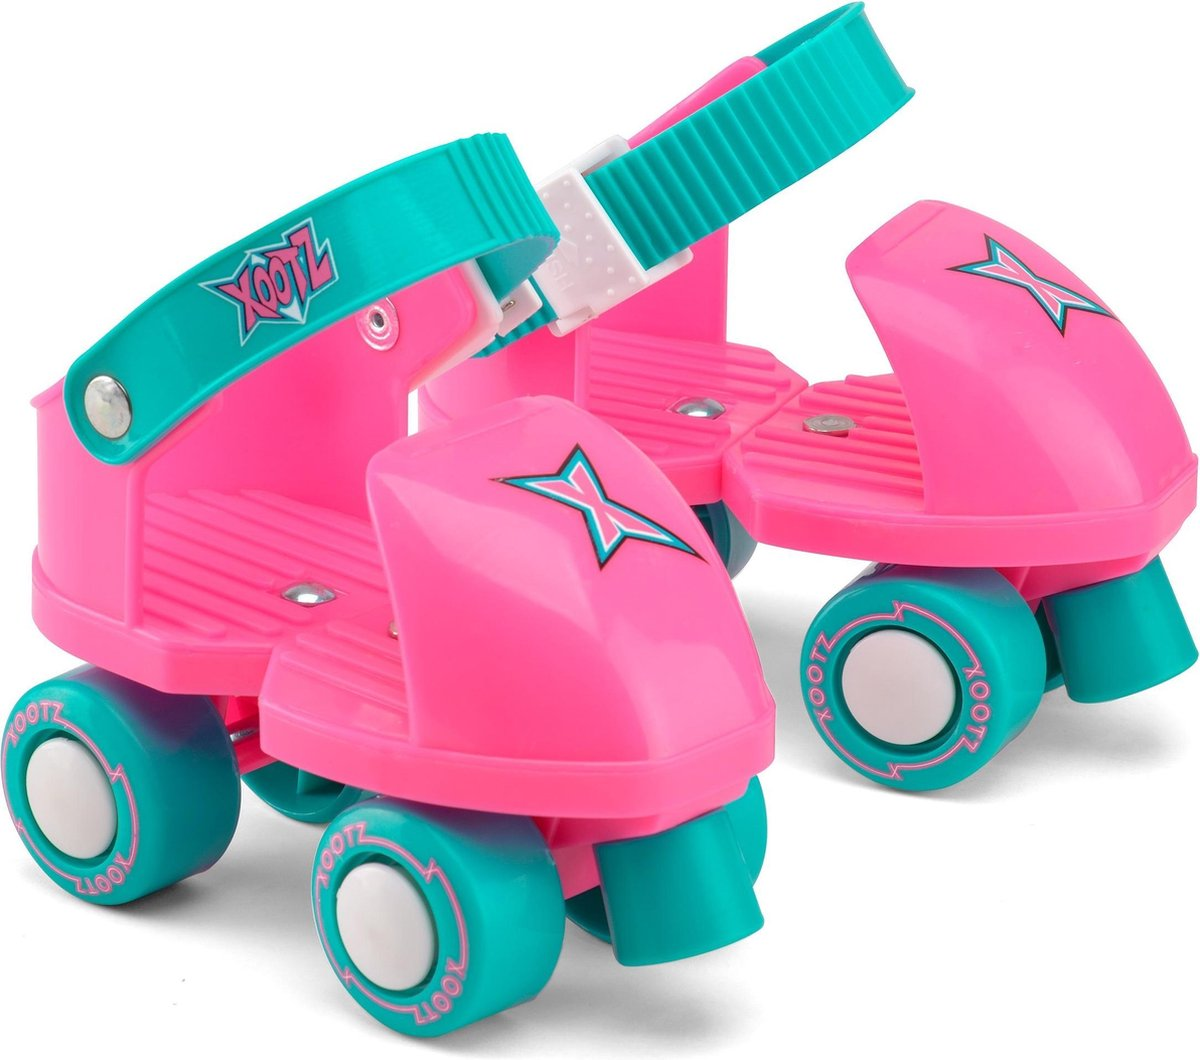 Xootz Rolschaatsen Infant Trainer Meisjes Roze/turquoise Maat 23/27